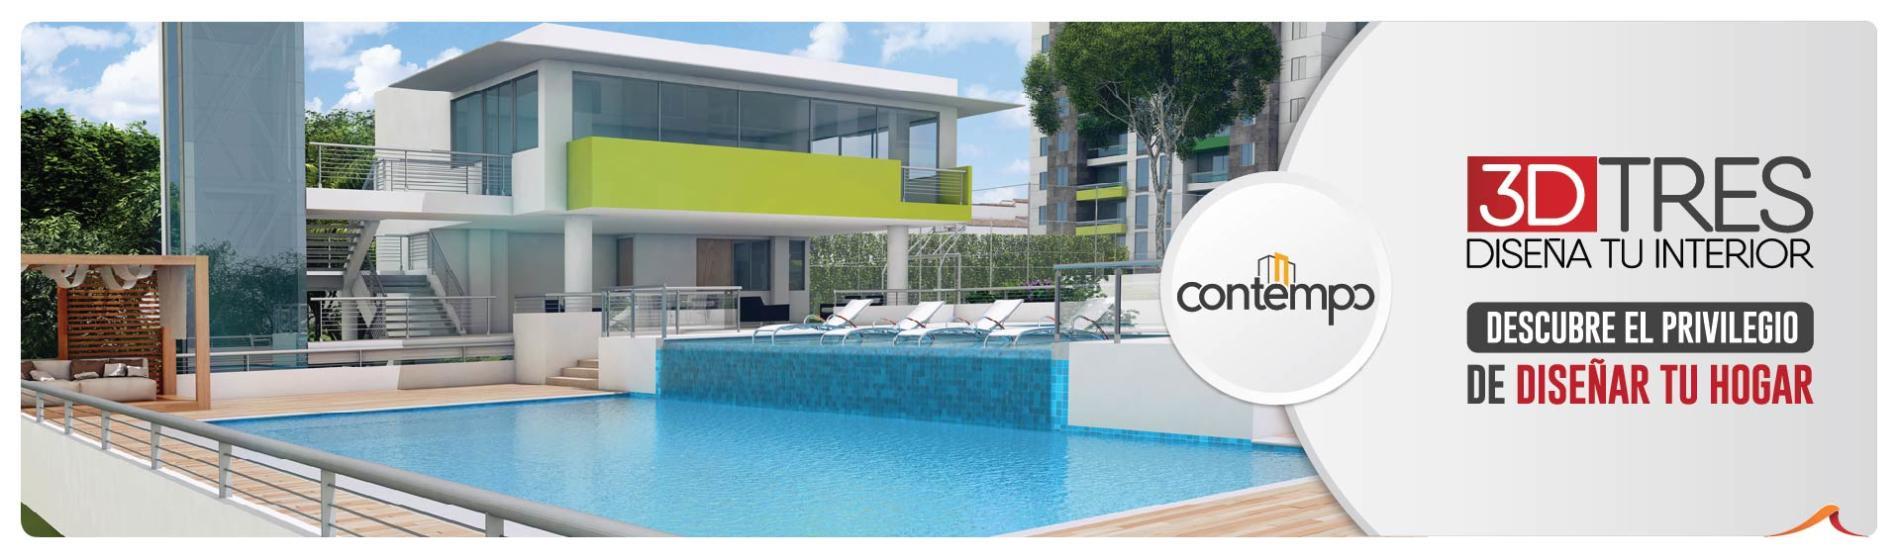 Contempo Apartamentos sobre planos en Floridablanca - Constructora Grupo Domus